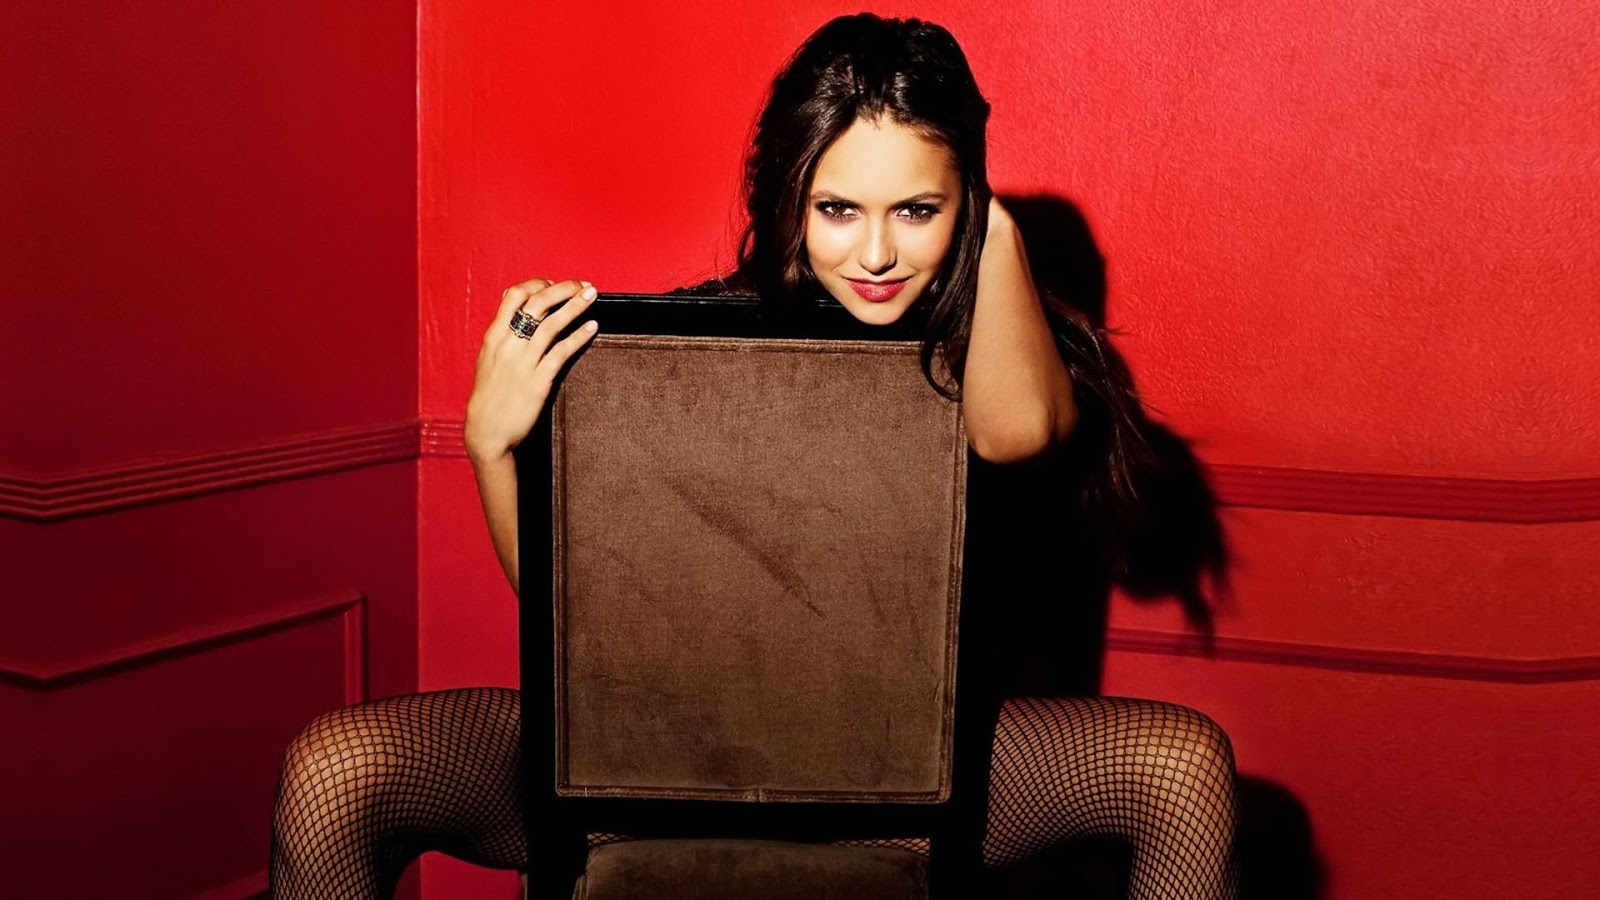 actress nina dobrev wallpapers - Nina Dobrev Hollywood Actress HD Wallpapers